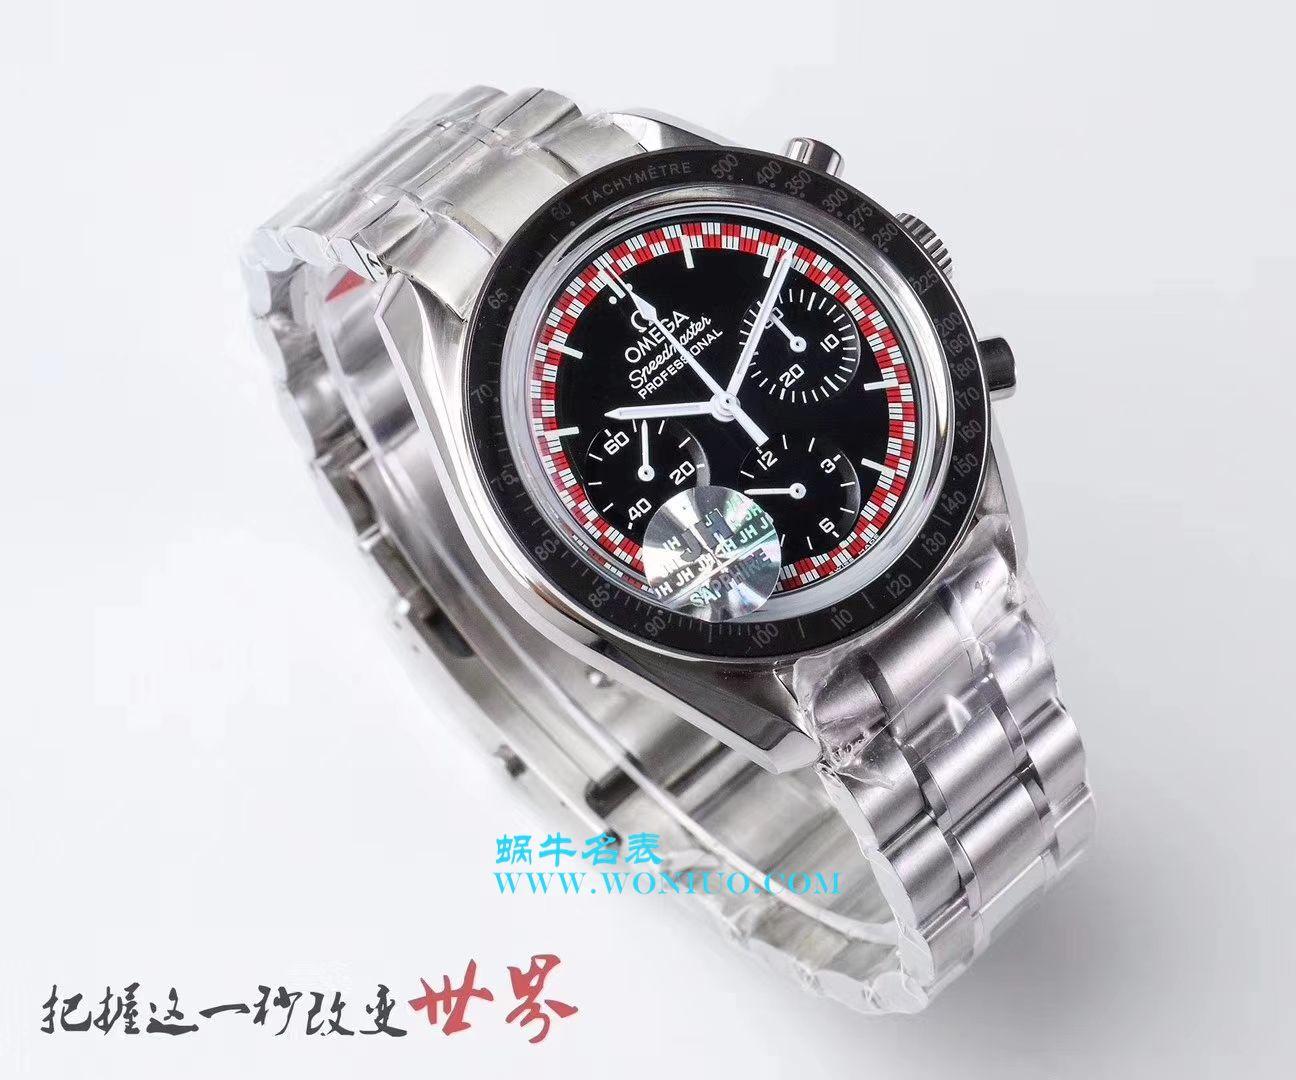 【JH1:1顶级精仿手表】欧米茄超霸系列311.30.42.30.01.004腕表